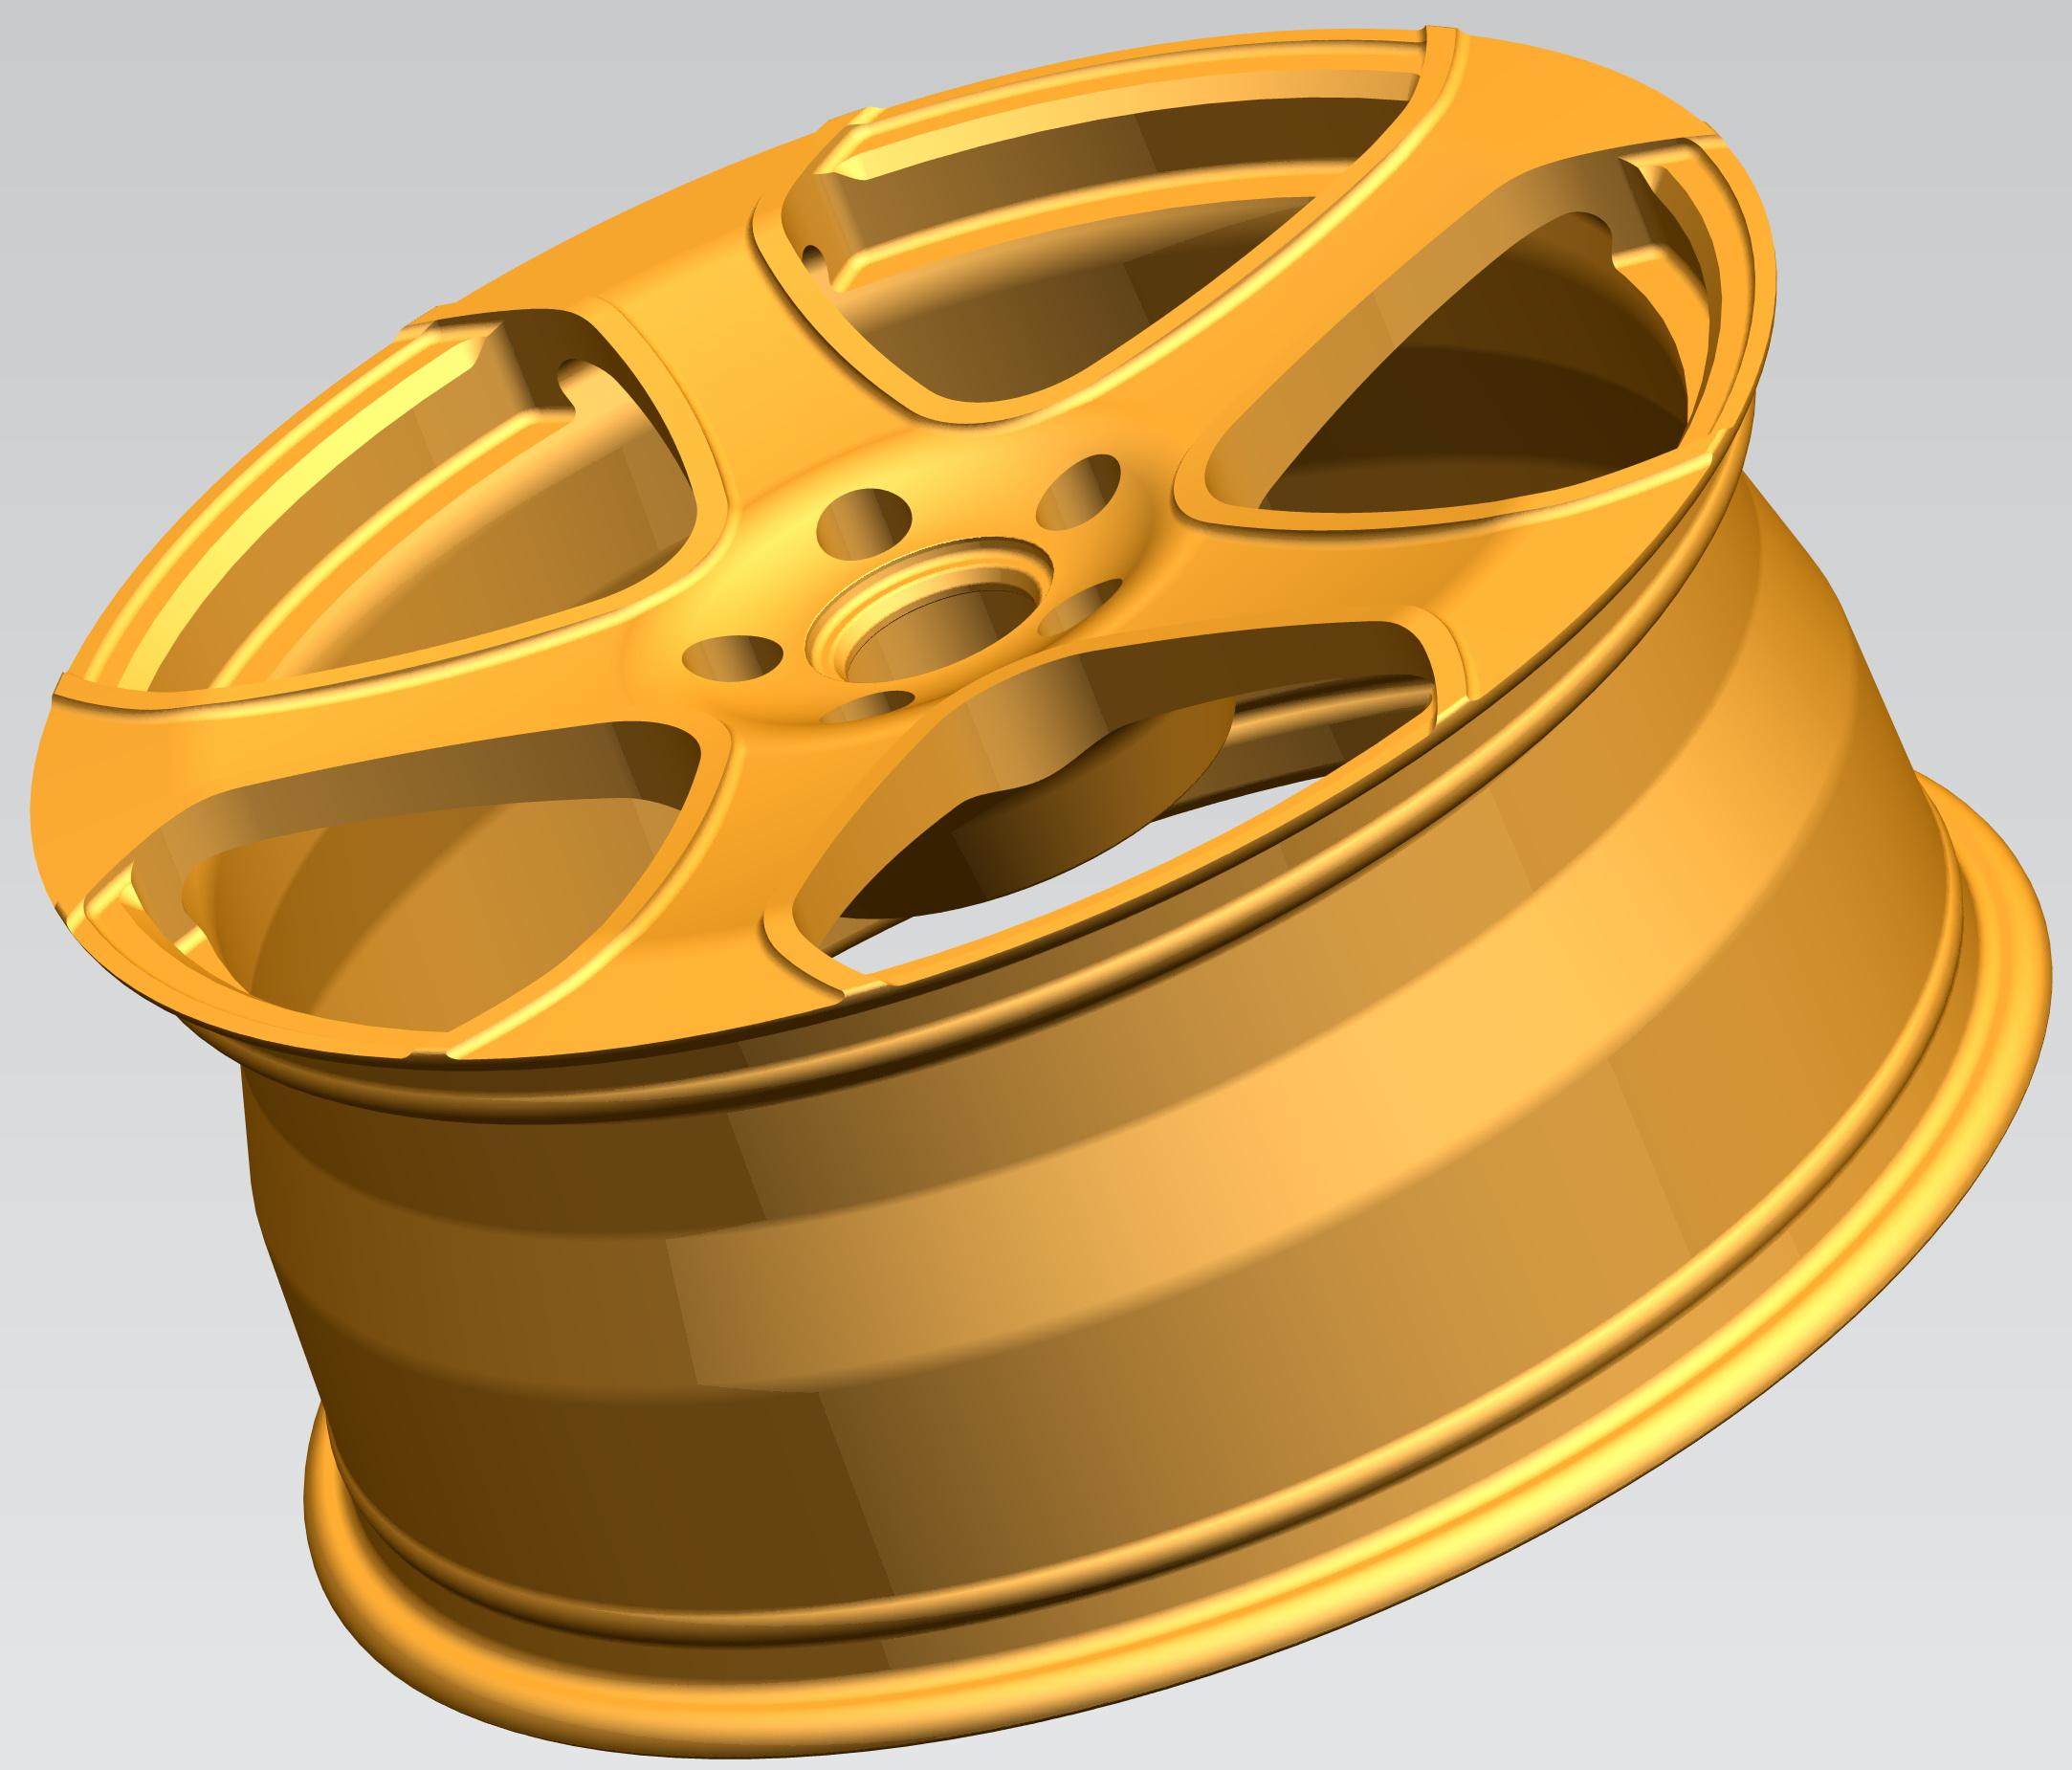 阿斯顿马丁锻造镁铝车轮